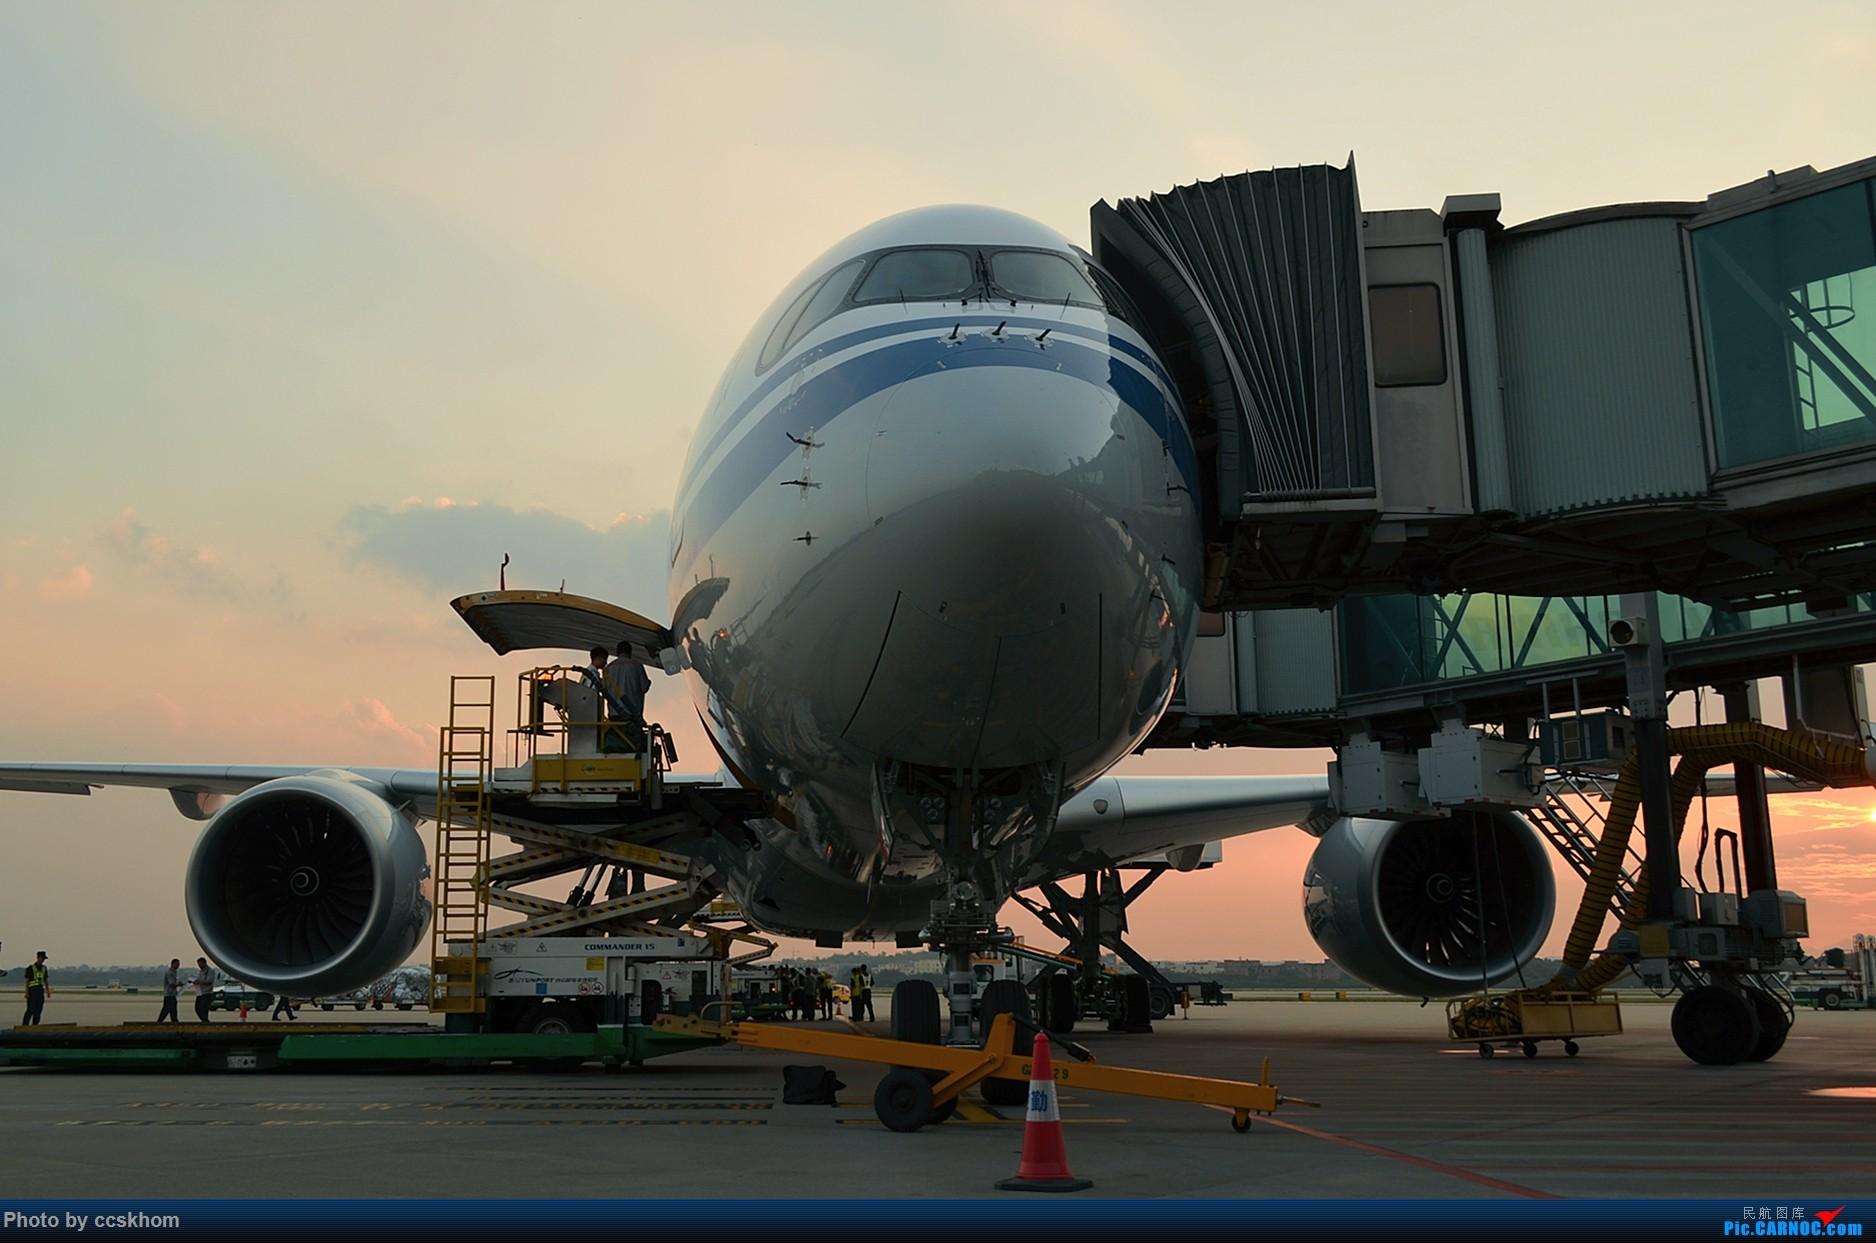 Re:[原创]在机坪接国航A350的广州首航 AIRBUS A350-900 B-1085 中国广州白云国际机场